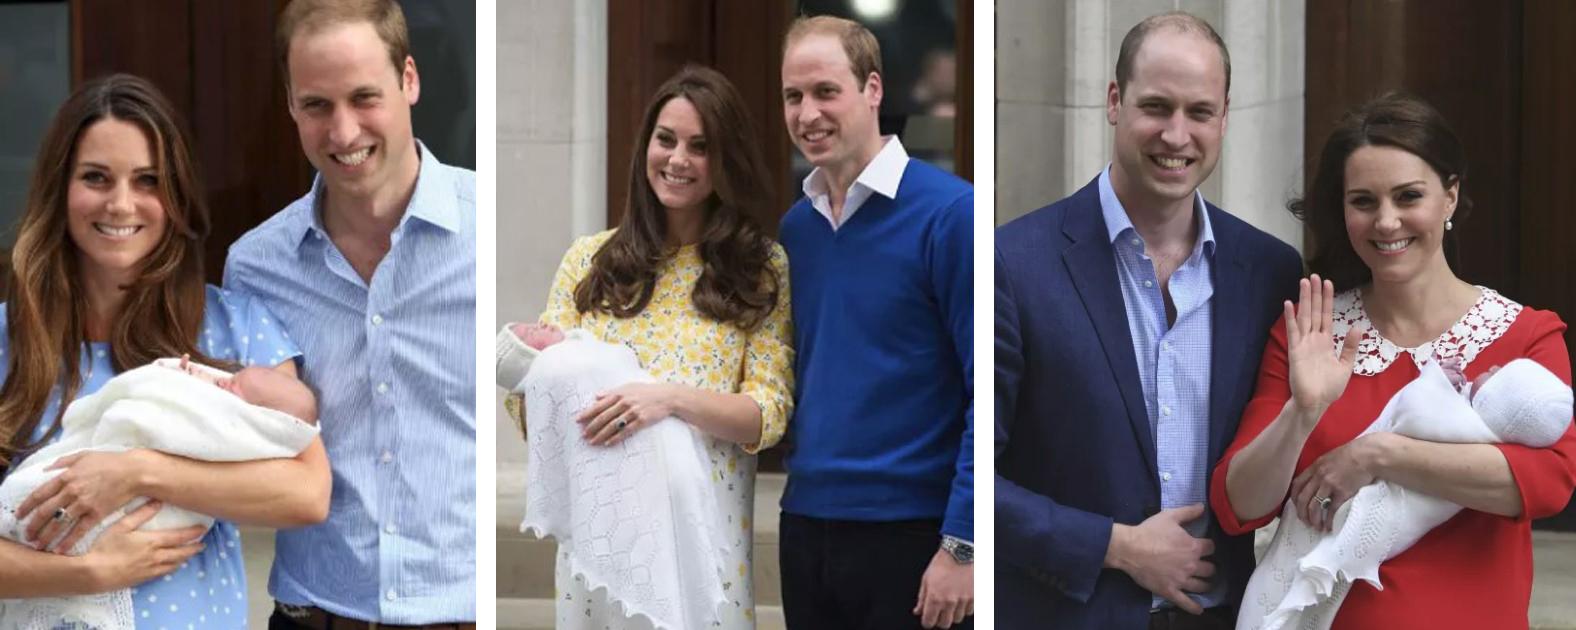 Mamy zestawiły swoje zdjęcia tuż po porodzie z fotografią Kate. Różnice widać gołym okiem